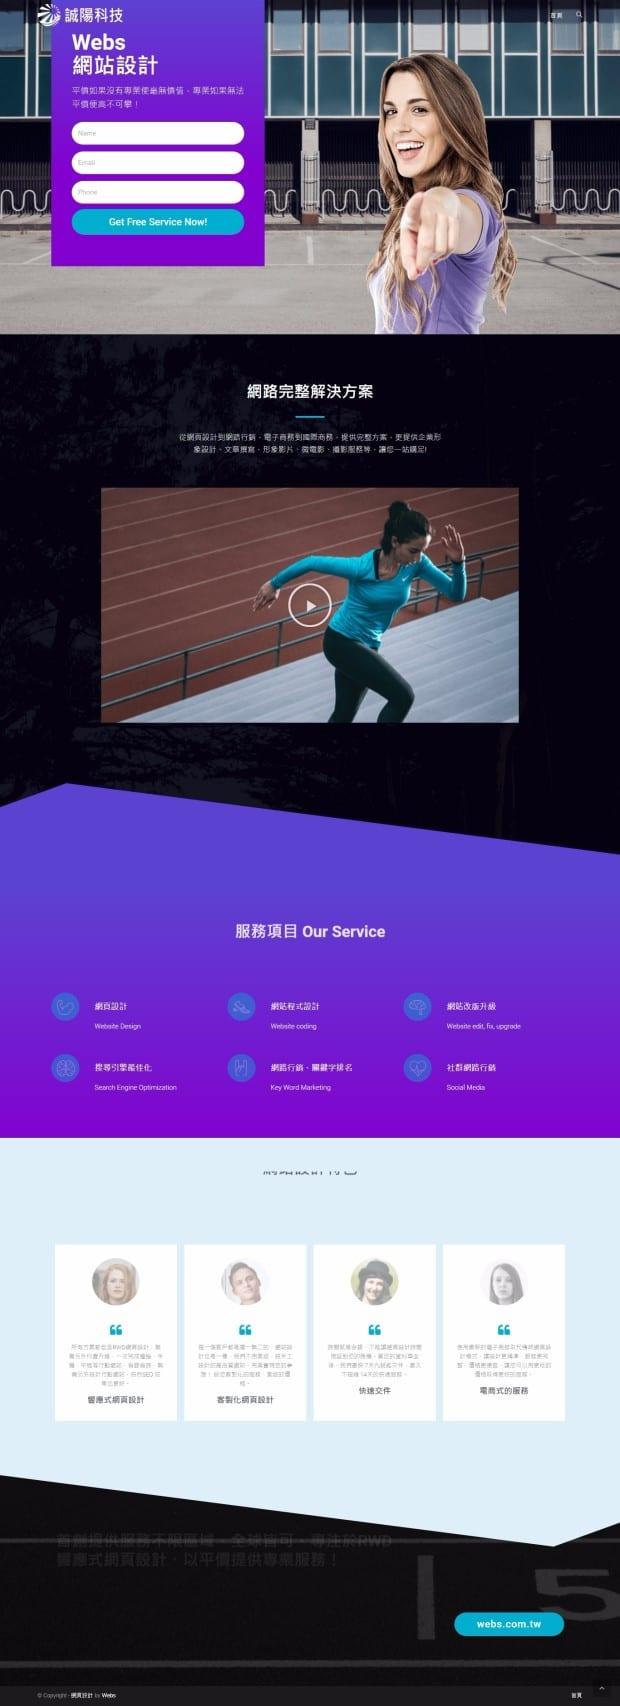 網頁設計-風格39-1